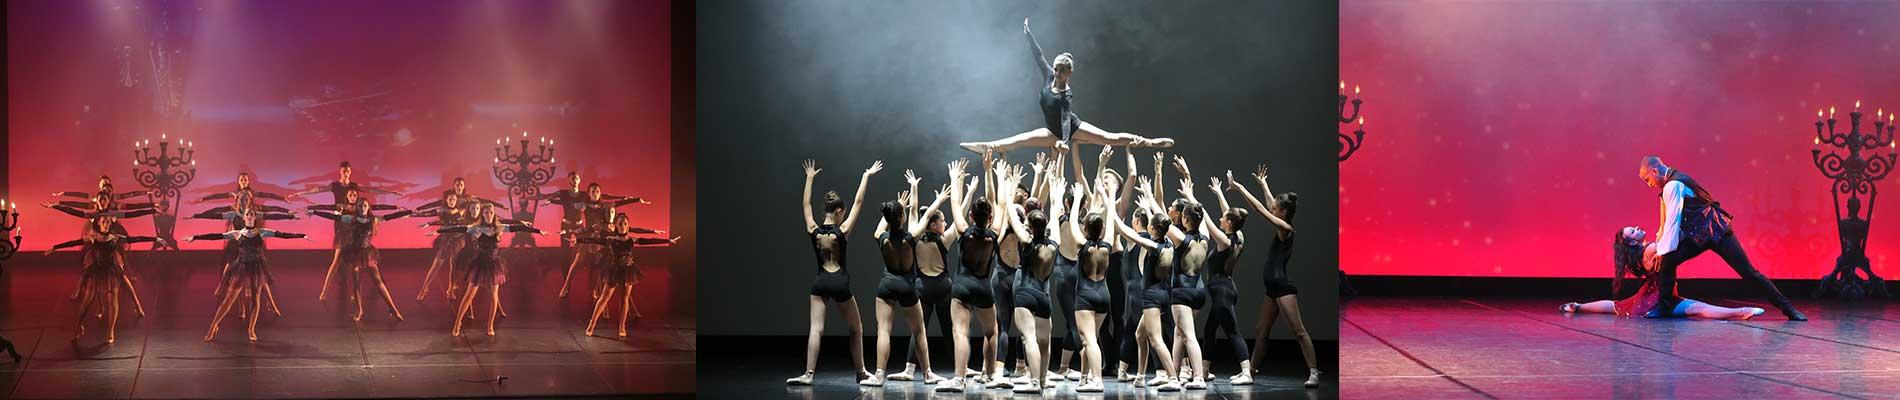 Danza Moderna e Contemporana